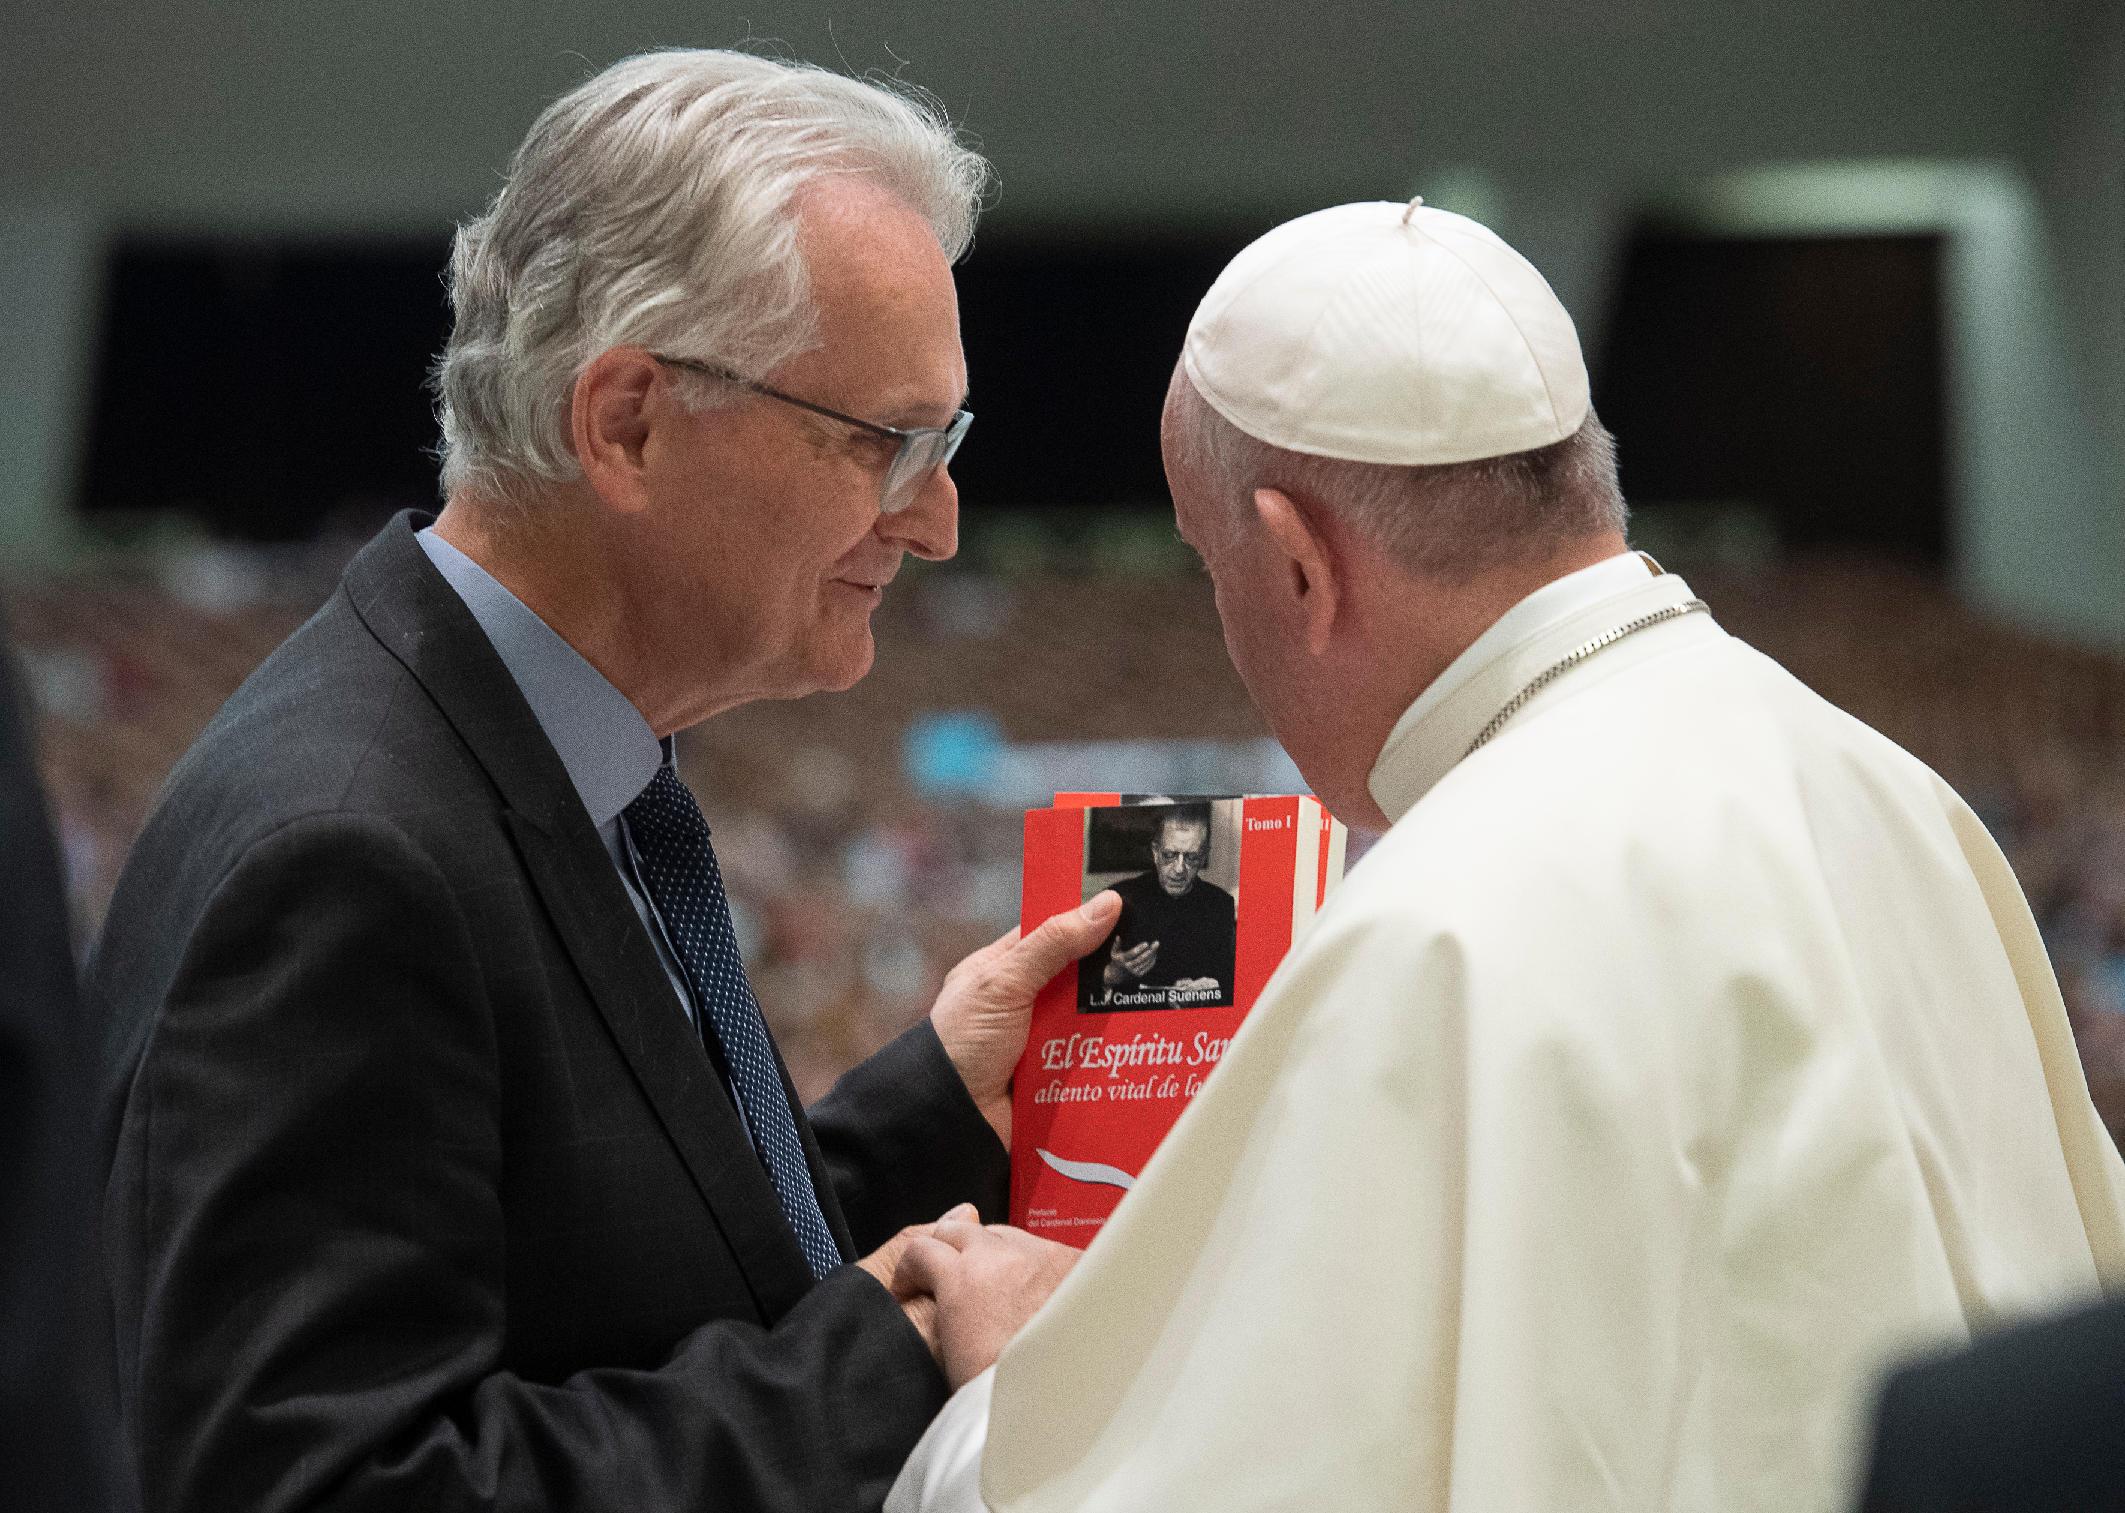 Saludo de Jean-Luc Moens, moderador de Charis, al santo padre Francisco, durante a 1.ª Conferencia Internacional